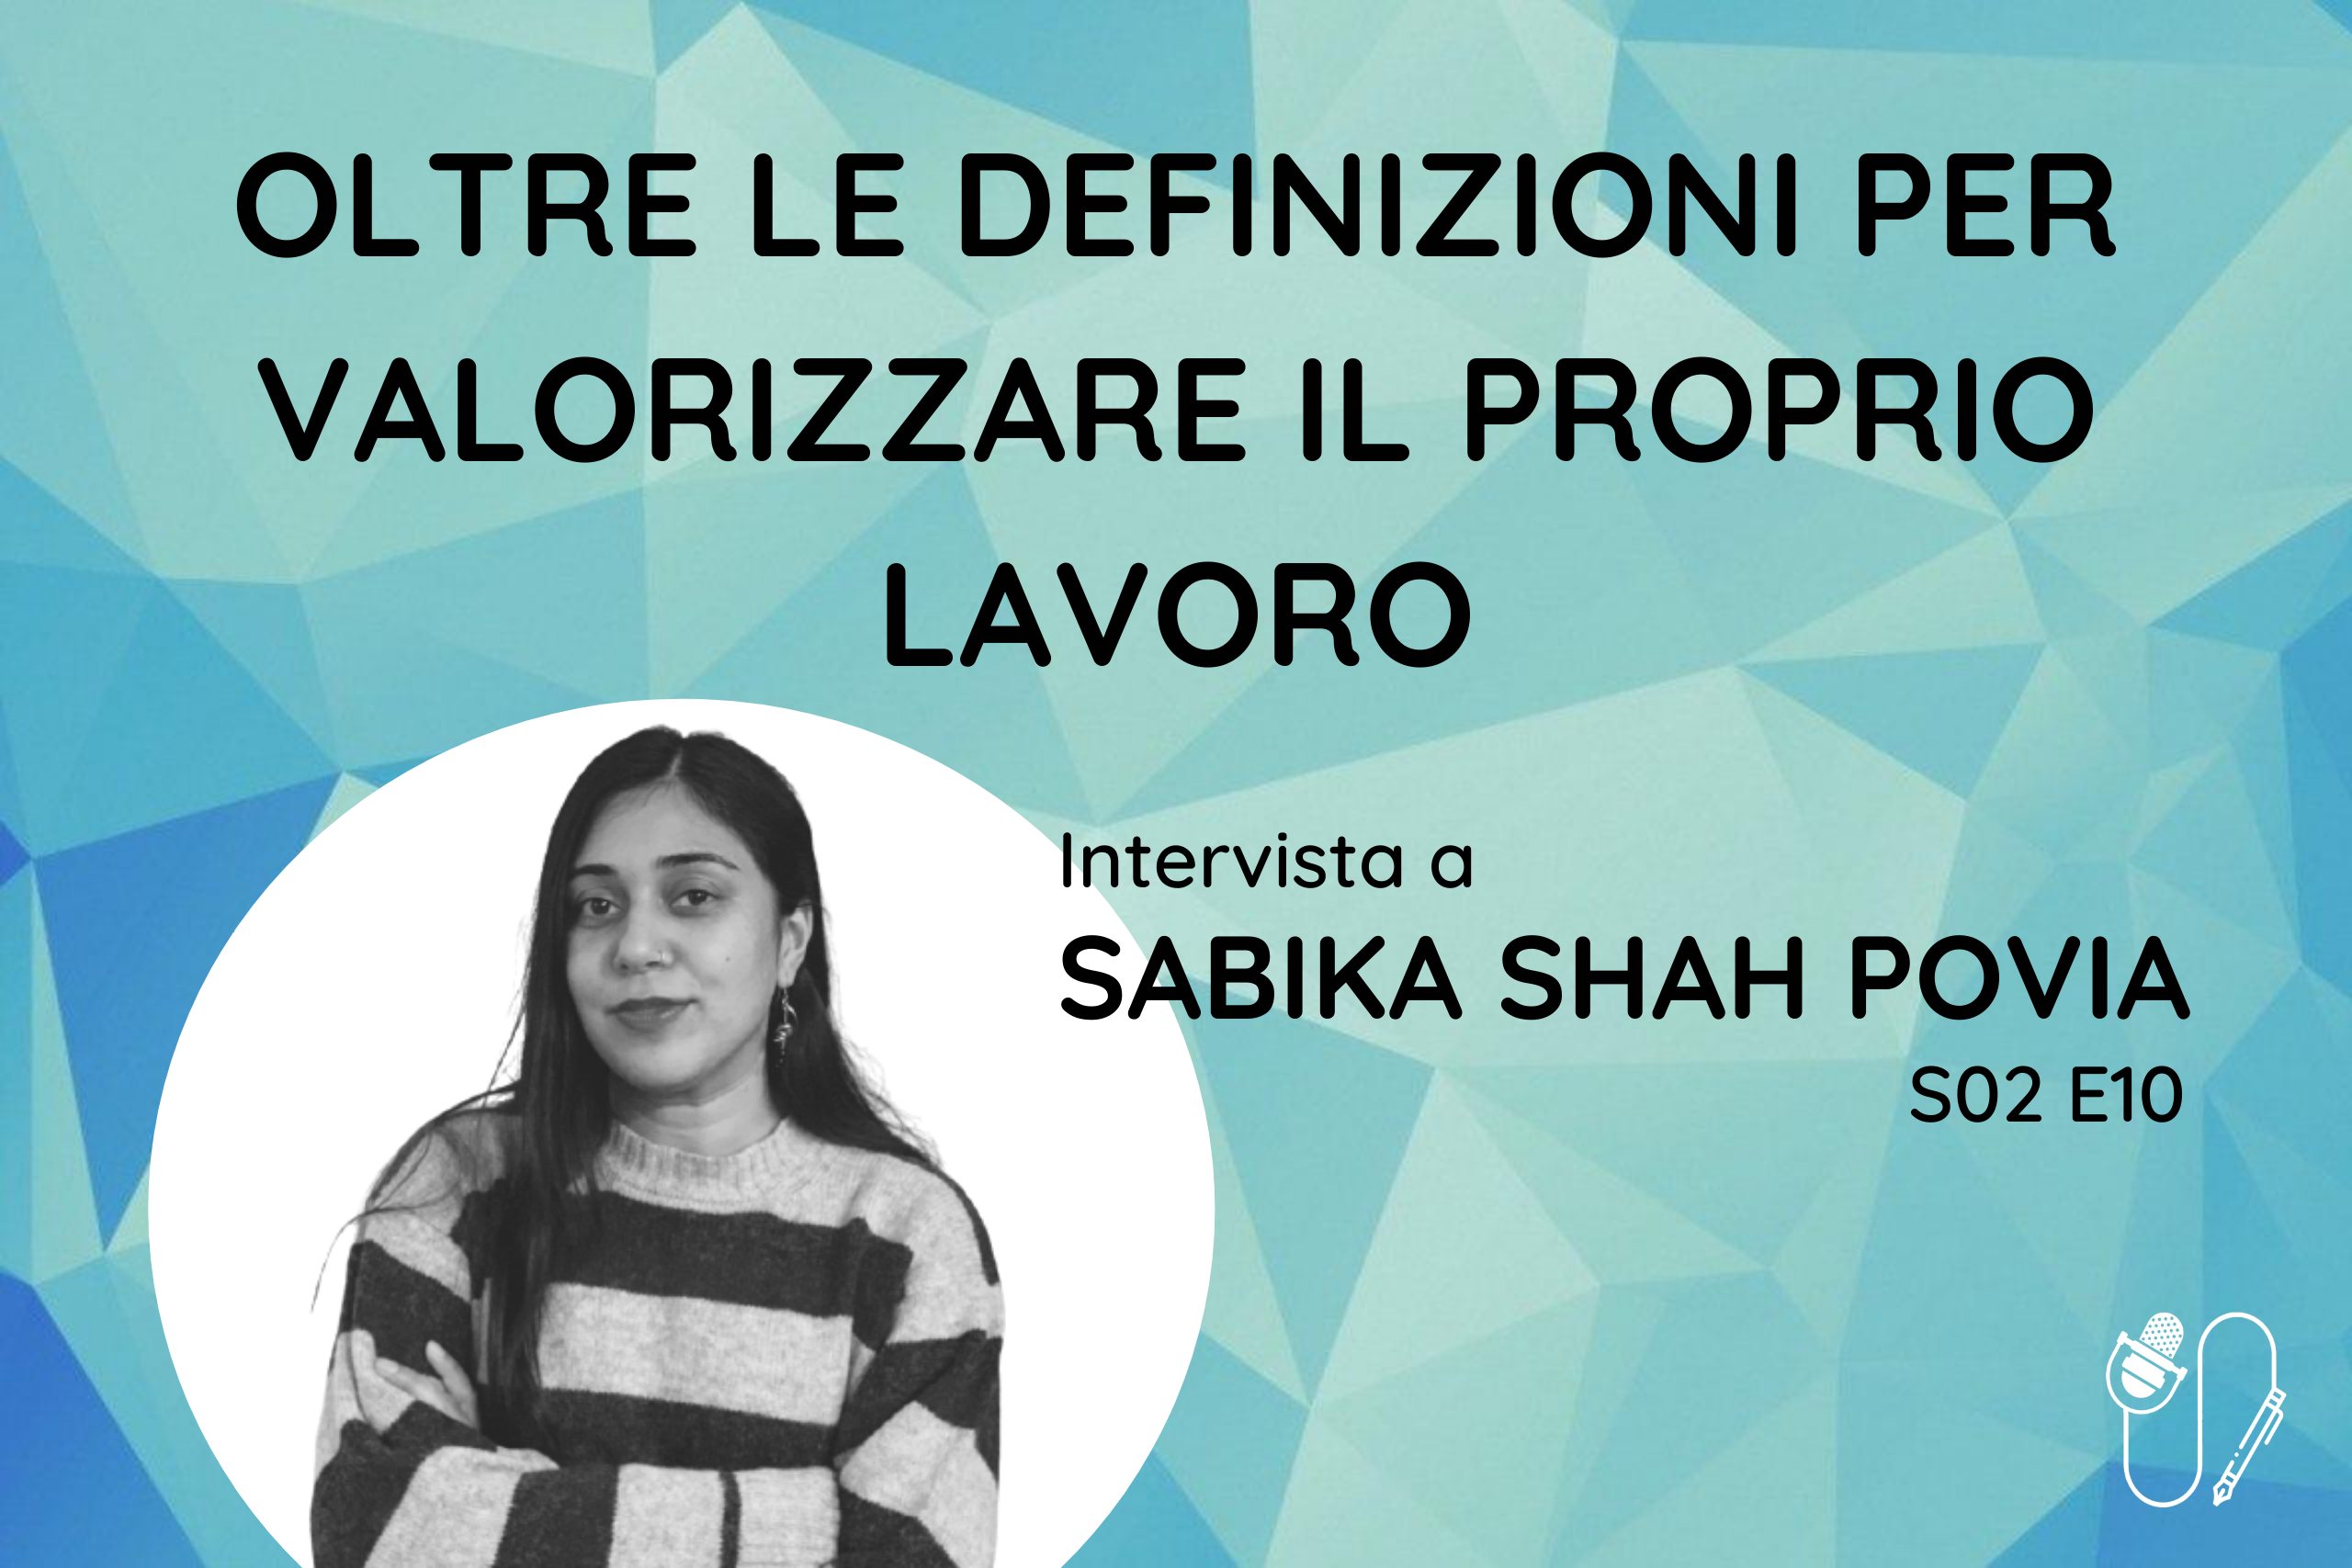 Sabika Shah Povia